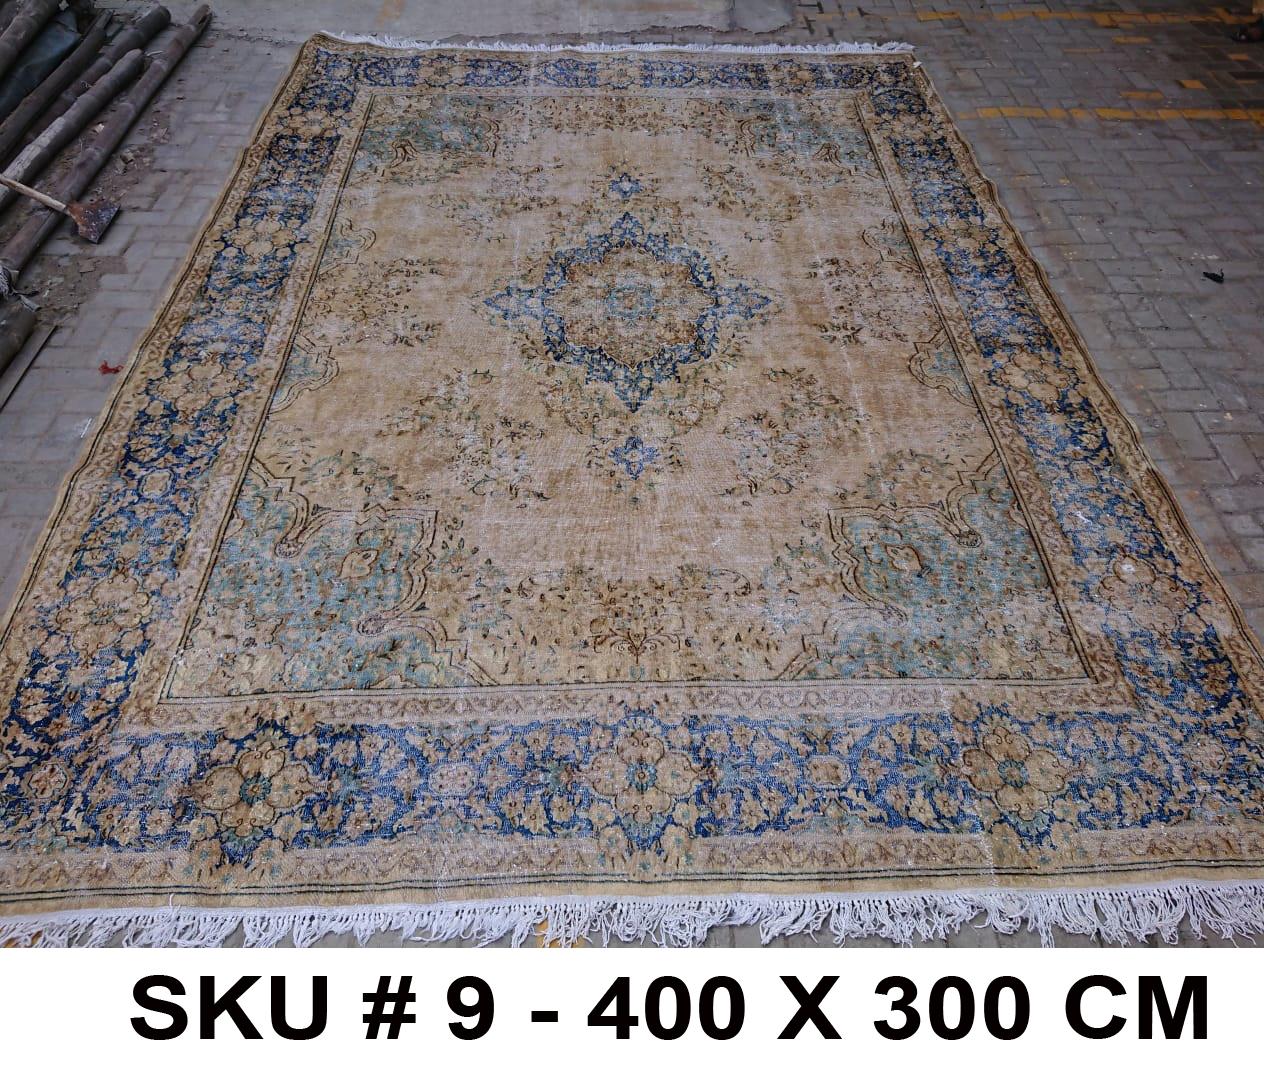 Vintage vloerkleed met blauw, nr.62331, 388cm x 285cm